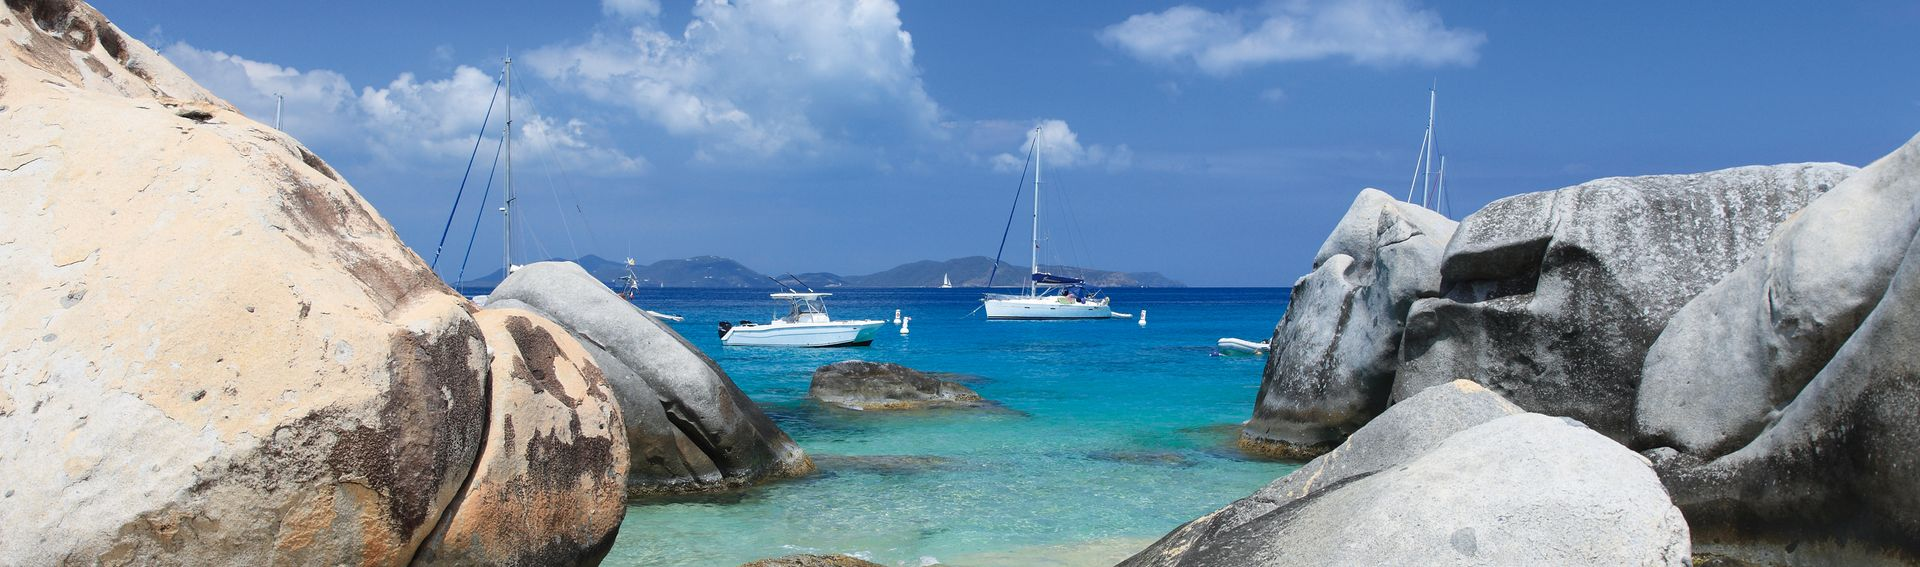 Îles Vierges du Royaume-Uni